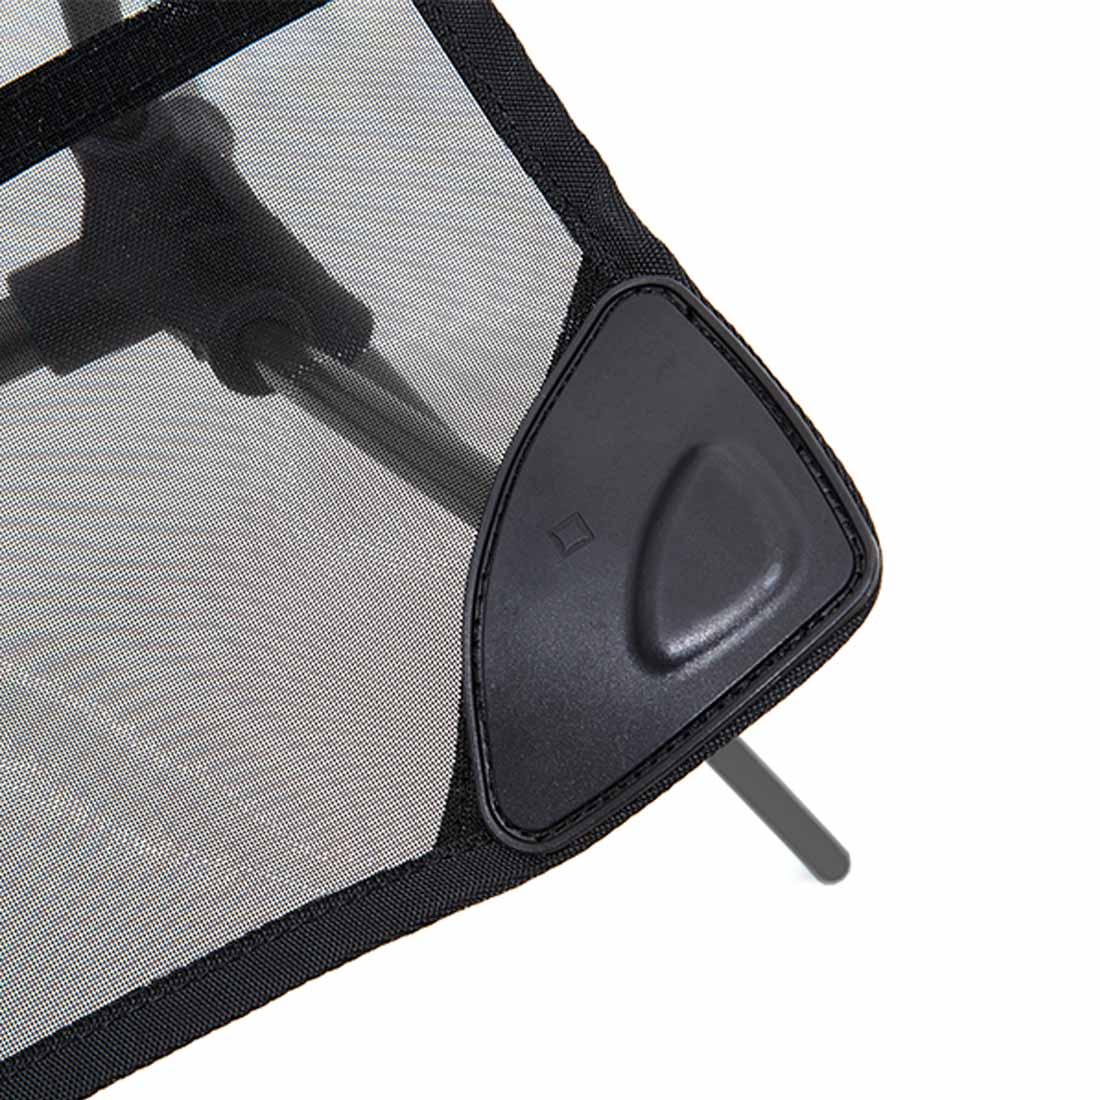 ヘリノックス グランドシート チェアオプションチェアー  国内正規品